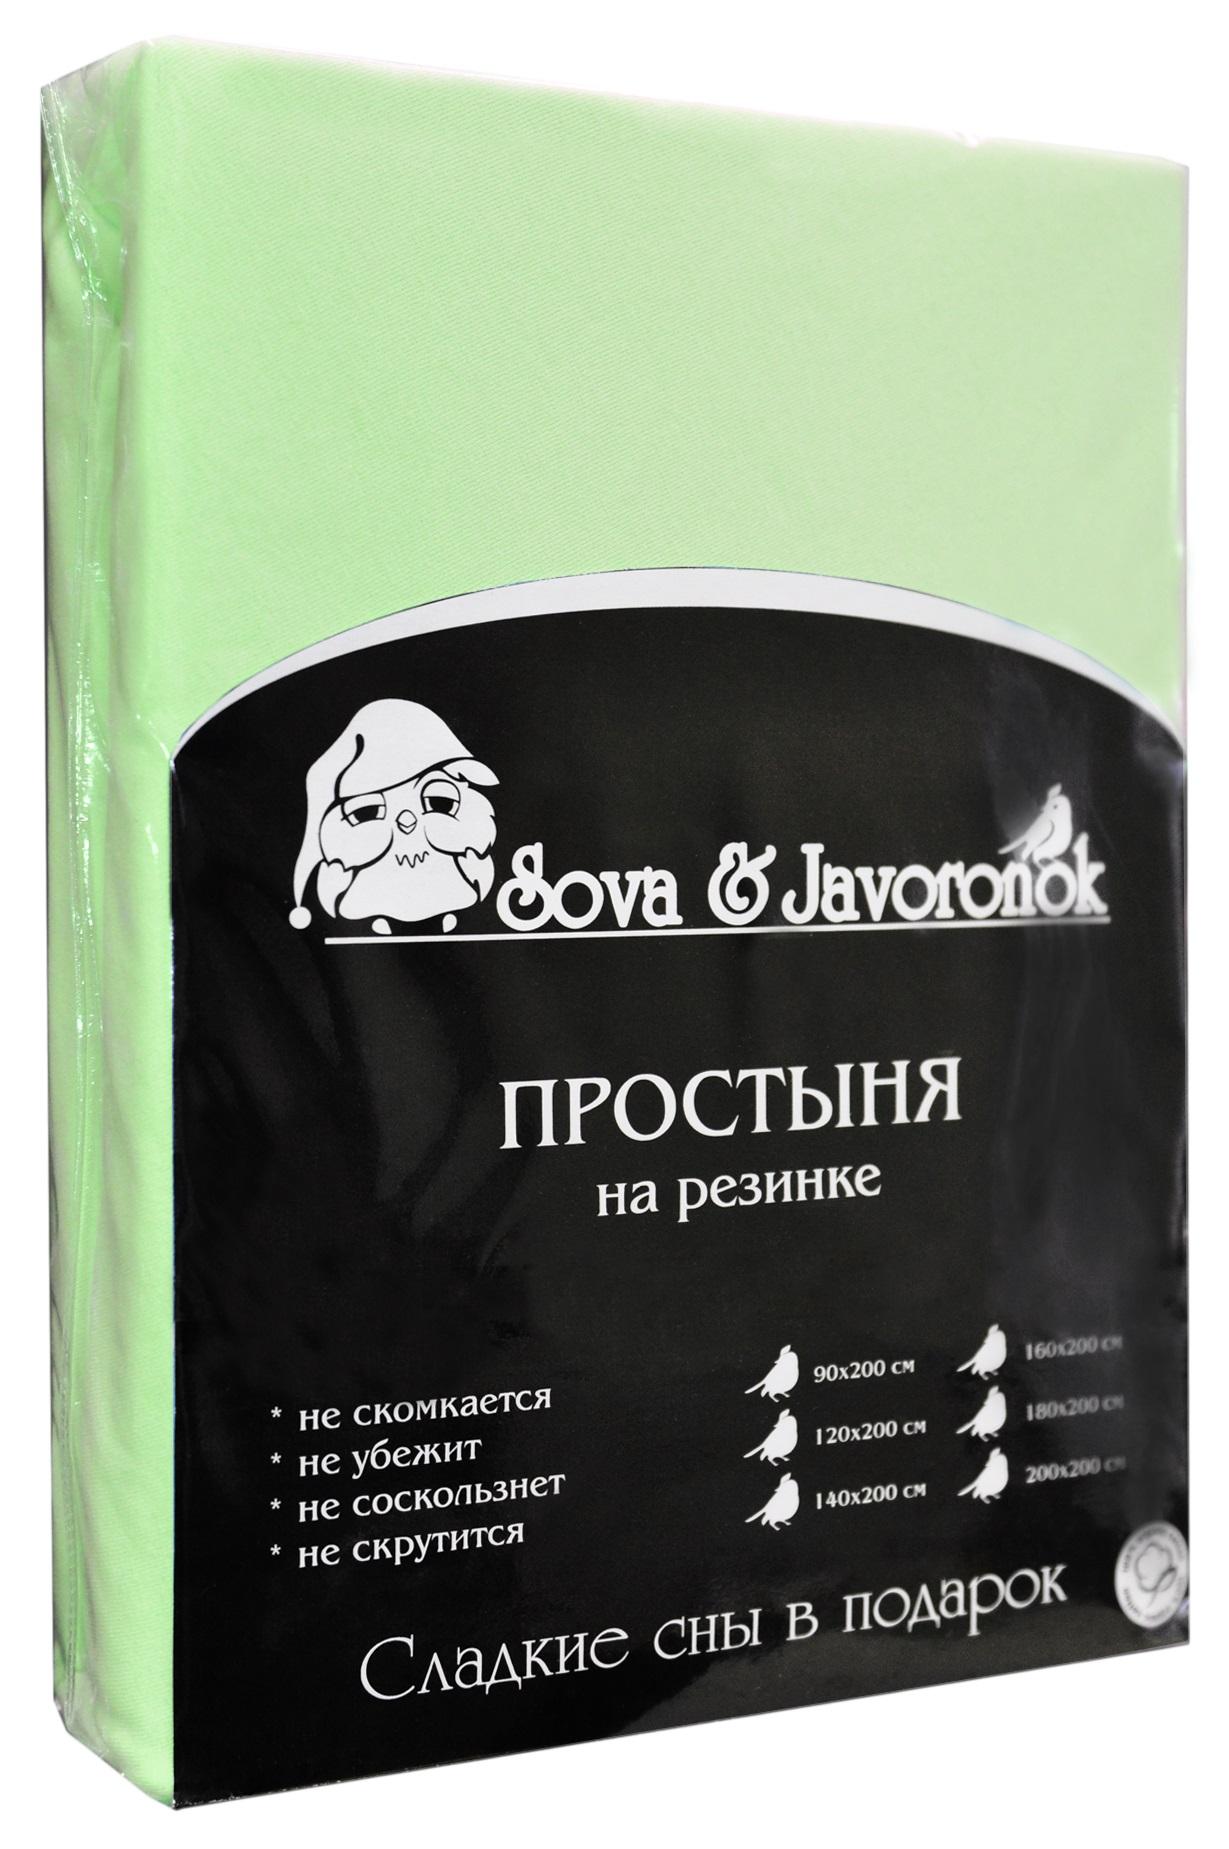 Простыня на резинке Sova & Javoronok, цвет: светло-зеленый, 200 см х 200 смCLP446Простыня на резинке Sova & Javoronok, изготовленная из трикотажной ткани (100% хлопок), будет превосходно смотреться с любыми комплектами белья. Хлопчатобумажный трикотаж по праву считается одним из самых качественных, прочных и при этом приятных на ощупь. Его гигиеничность позволяет использовать простыню и в детских комнатах, к тому же 100%-ый хлопок в составе ткани не вызовет аллергии. У трикотажного полотна очень интересная структура, немного рыхлая за счет отсутствия плотного переплетения нитей и наличия особых петель, благодаря этому простыня Сова и Жаворонок отлично пропускает воздух и способствует его постоянной циркуляции. Поэтому ваша постель будет всегда оставаться свежей. Но главное и, пожалуй, самое известное свойство трикотажа - это его великолепная растяжимость, поэтому эта ткань и была выбрана для натяжной простыни на резинке.Простыня прошита резинкой по всему периметру, что обеспечивает более комфортный отдых, так как она прочно удерживается на матрасе и избавляет от необходимости часто поправлять простыню.